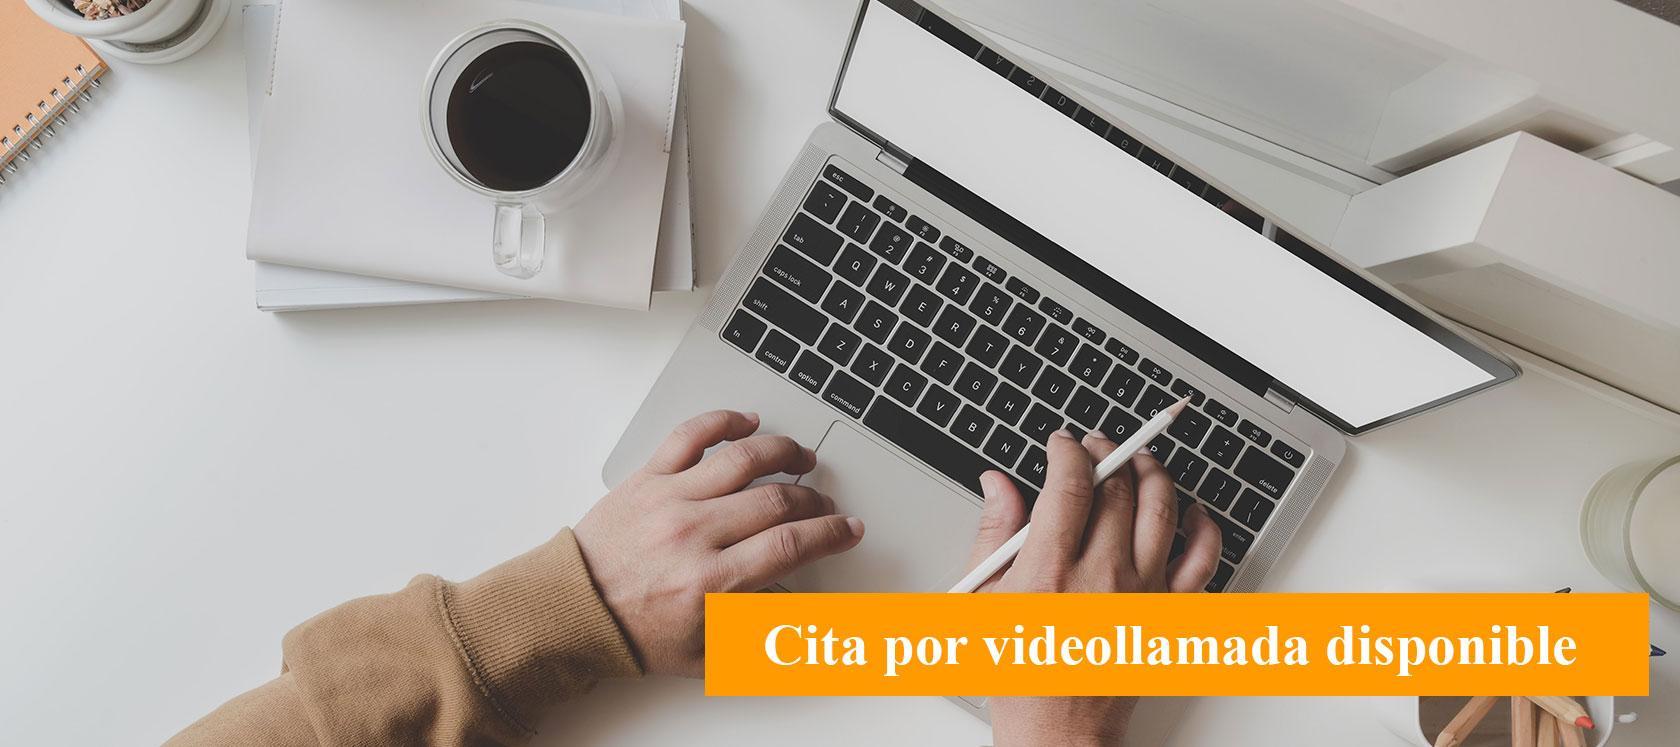 Obra nueva Valladolid | Promoción Célere Parqueluz